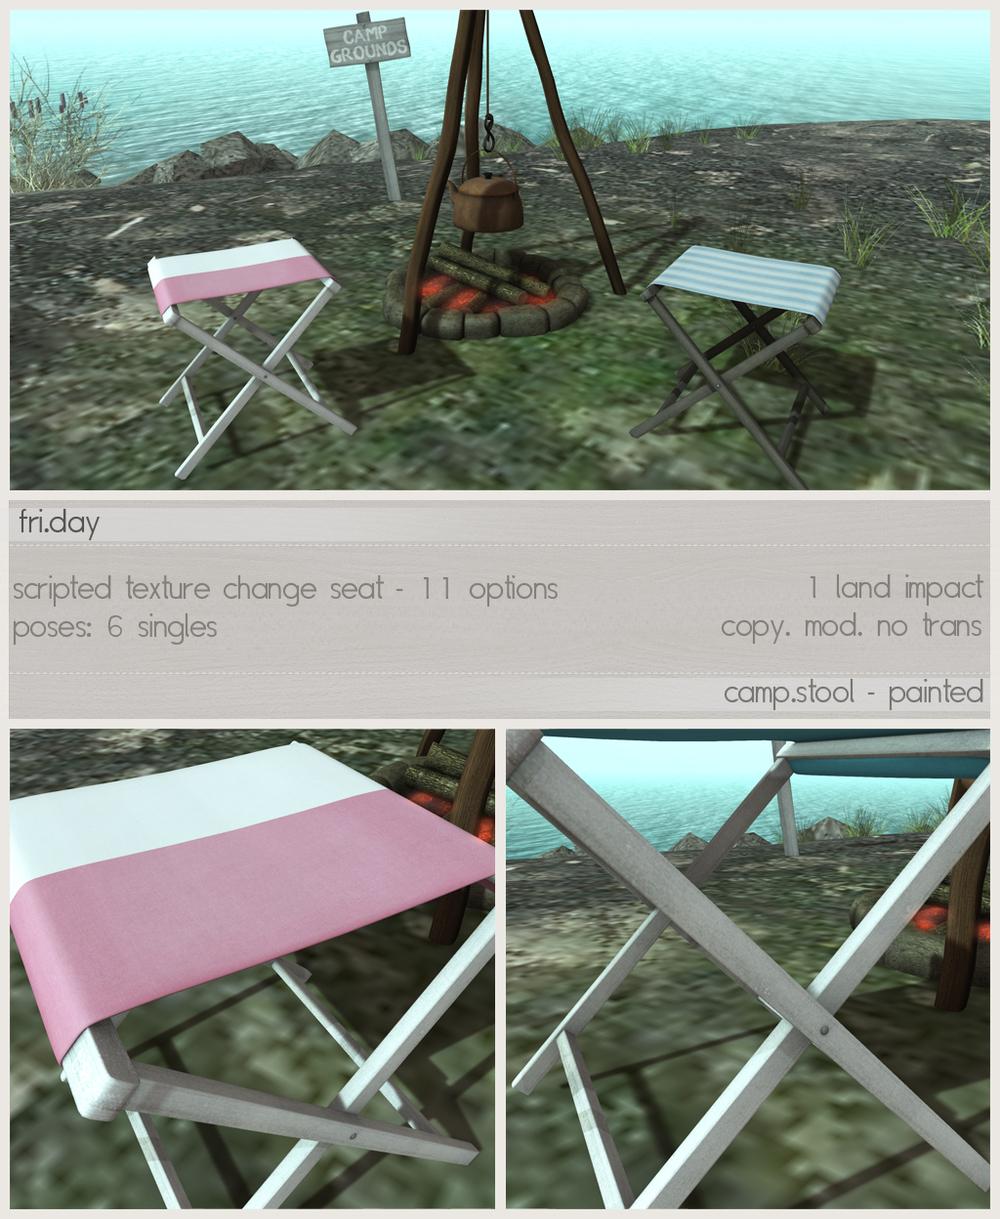 fri - Camp Stool Ad (Painted).jpg